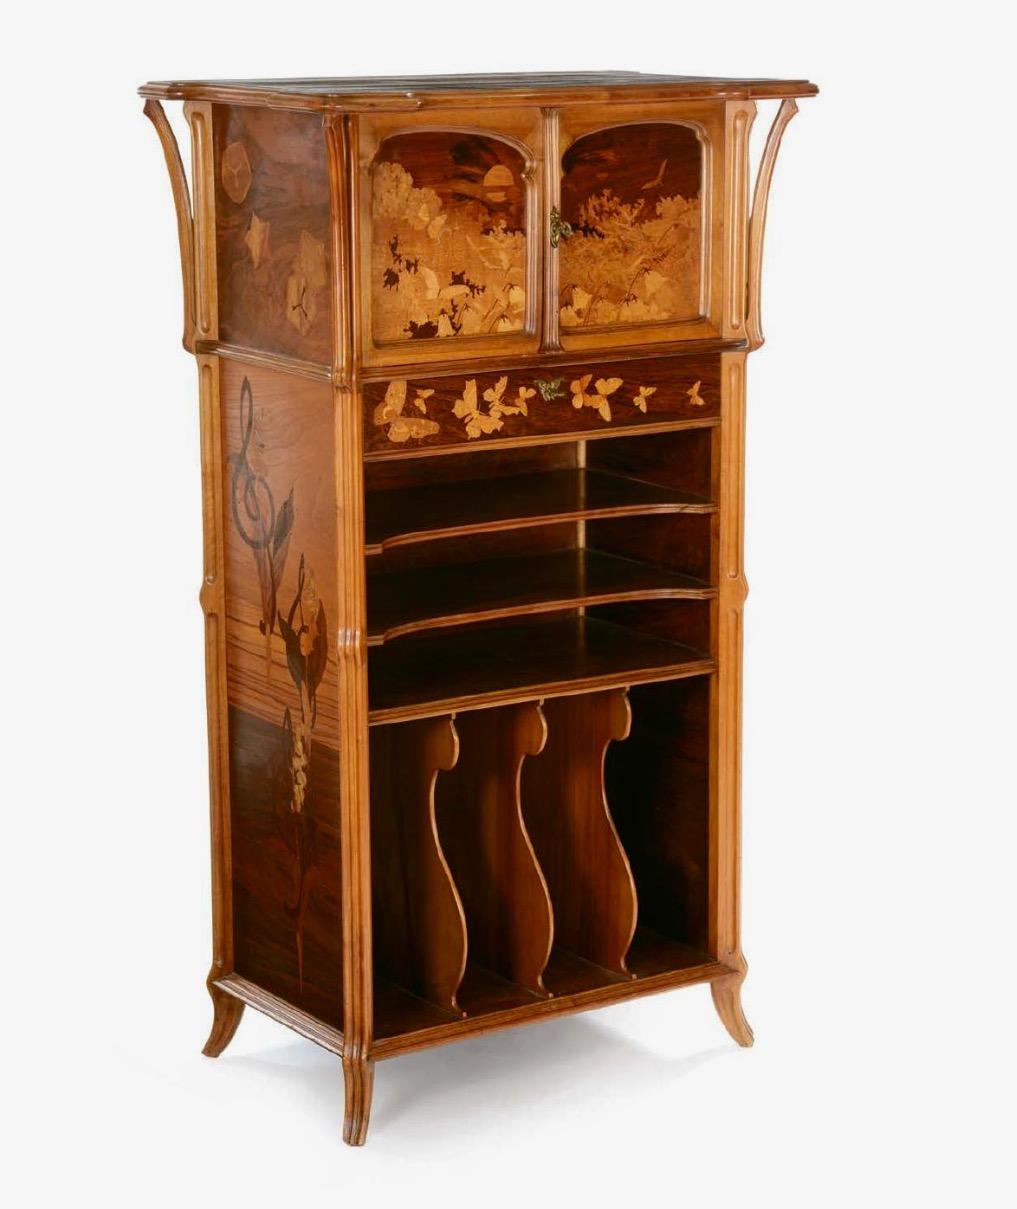 acquisto mobili antiquariato rivoli torino